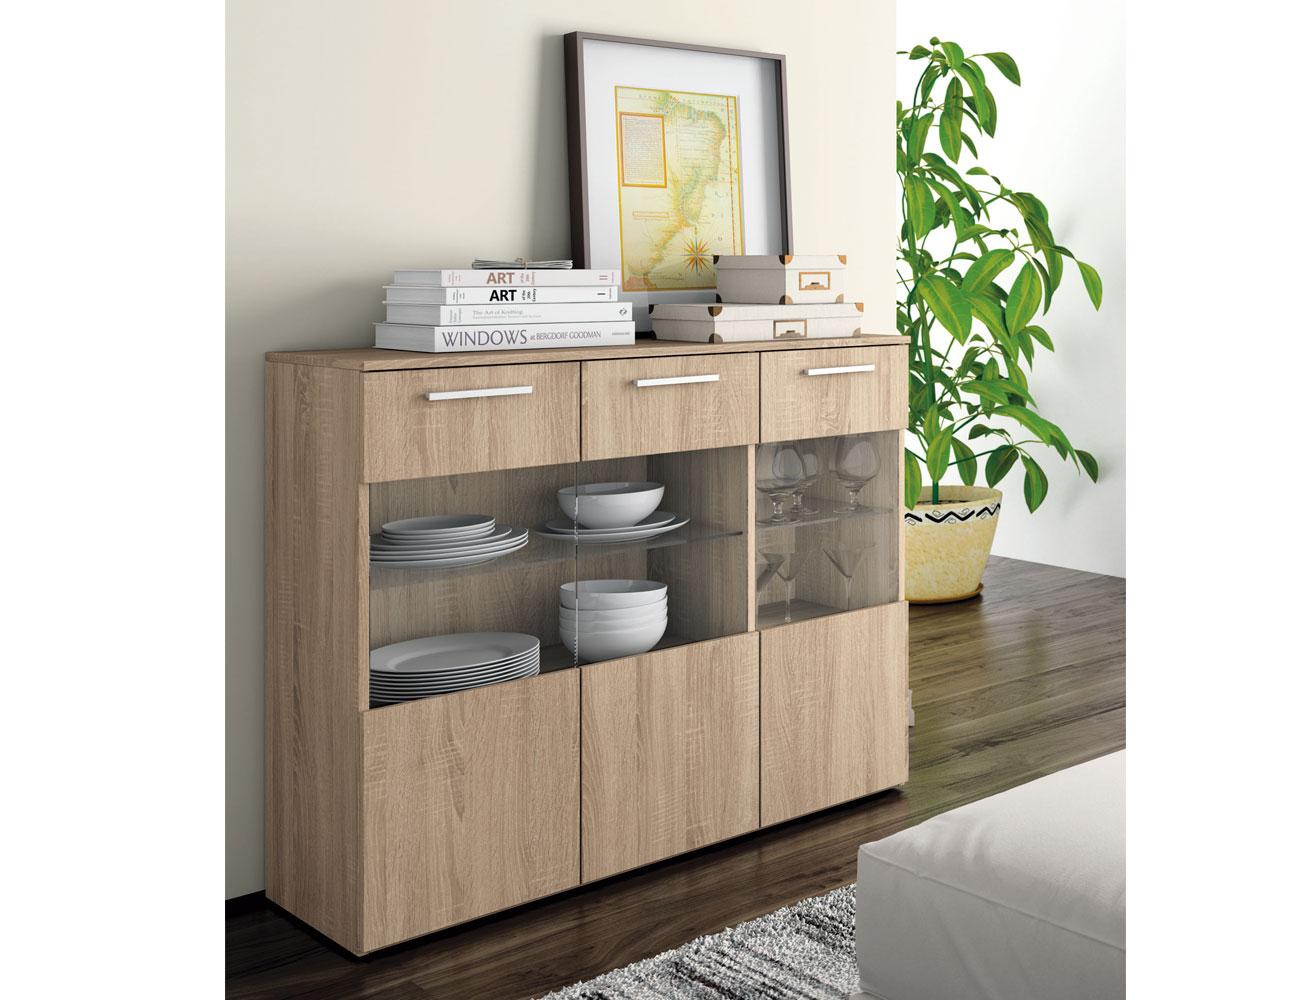 Mueble salon moderno aparador cambrian 4186